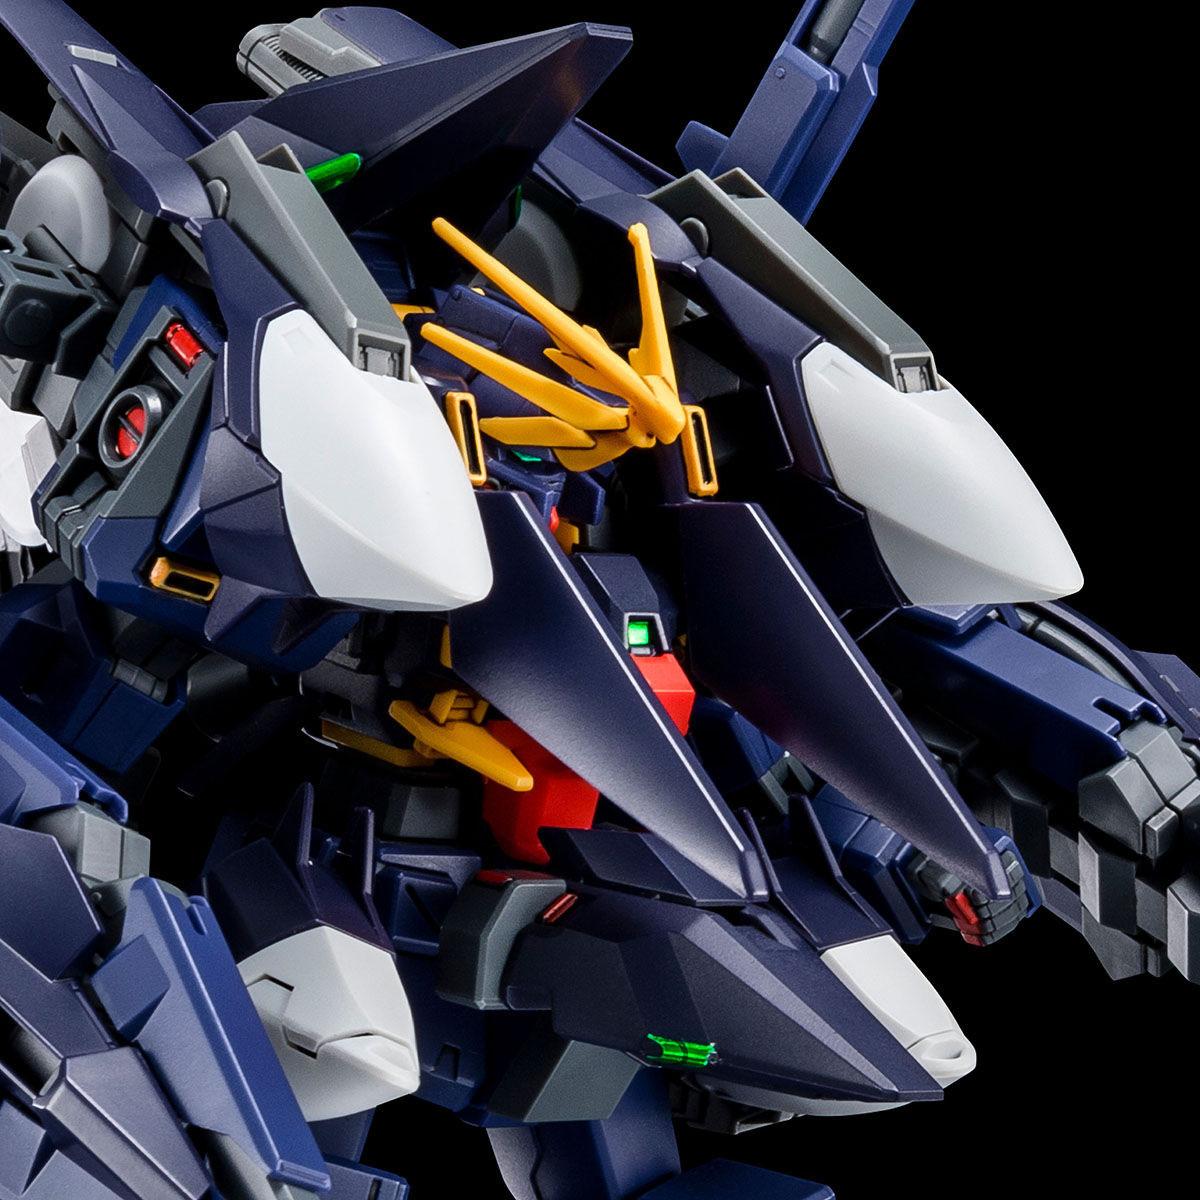 【限定販売】HG 1/144『ガンダムTR-1[ハイゼンスレイ・ラーII]』プラモデル-001